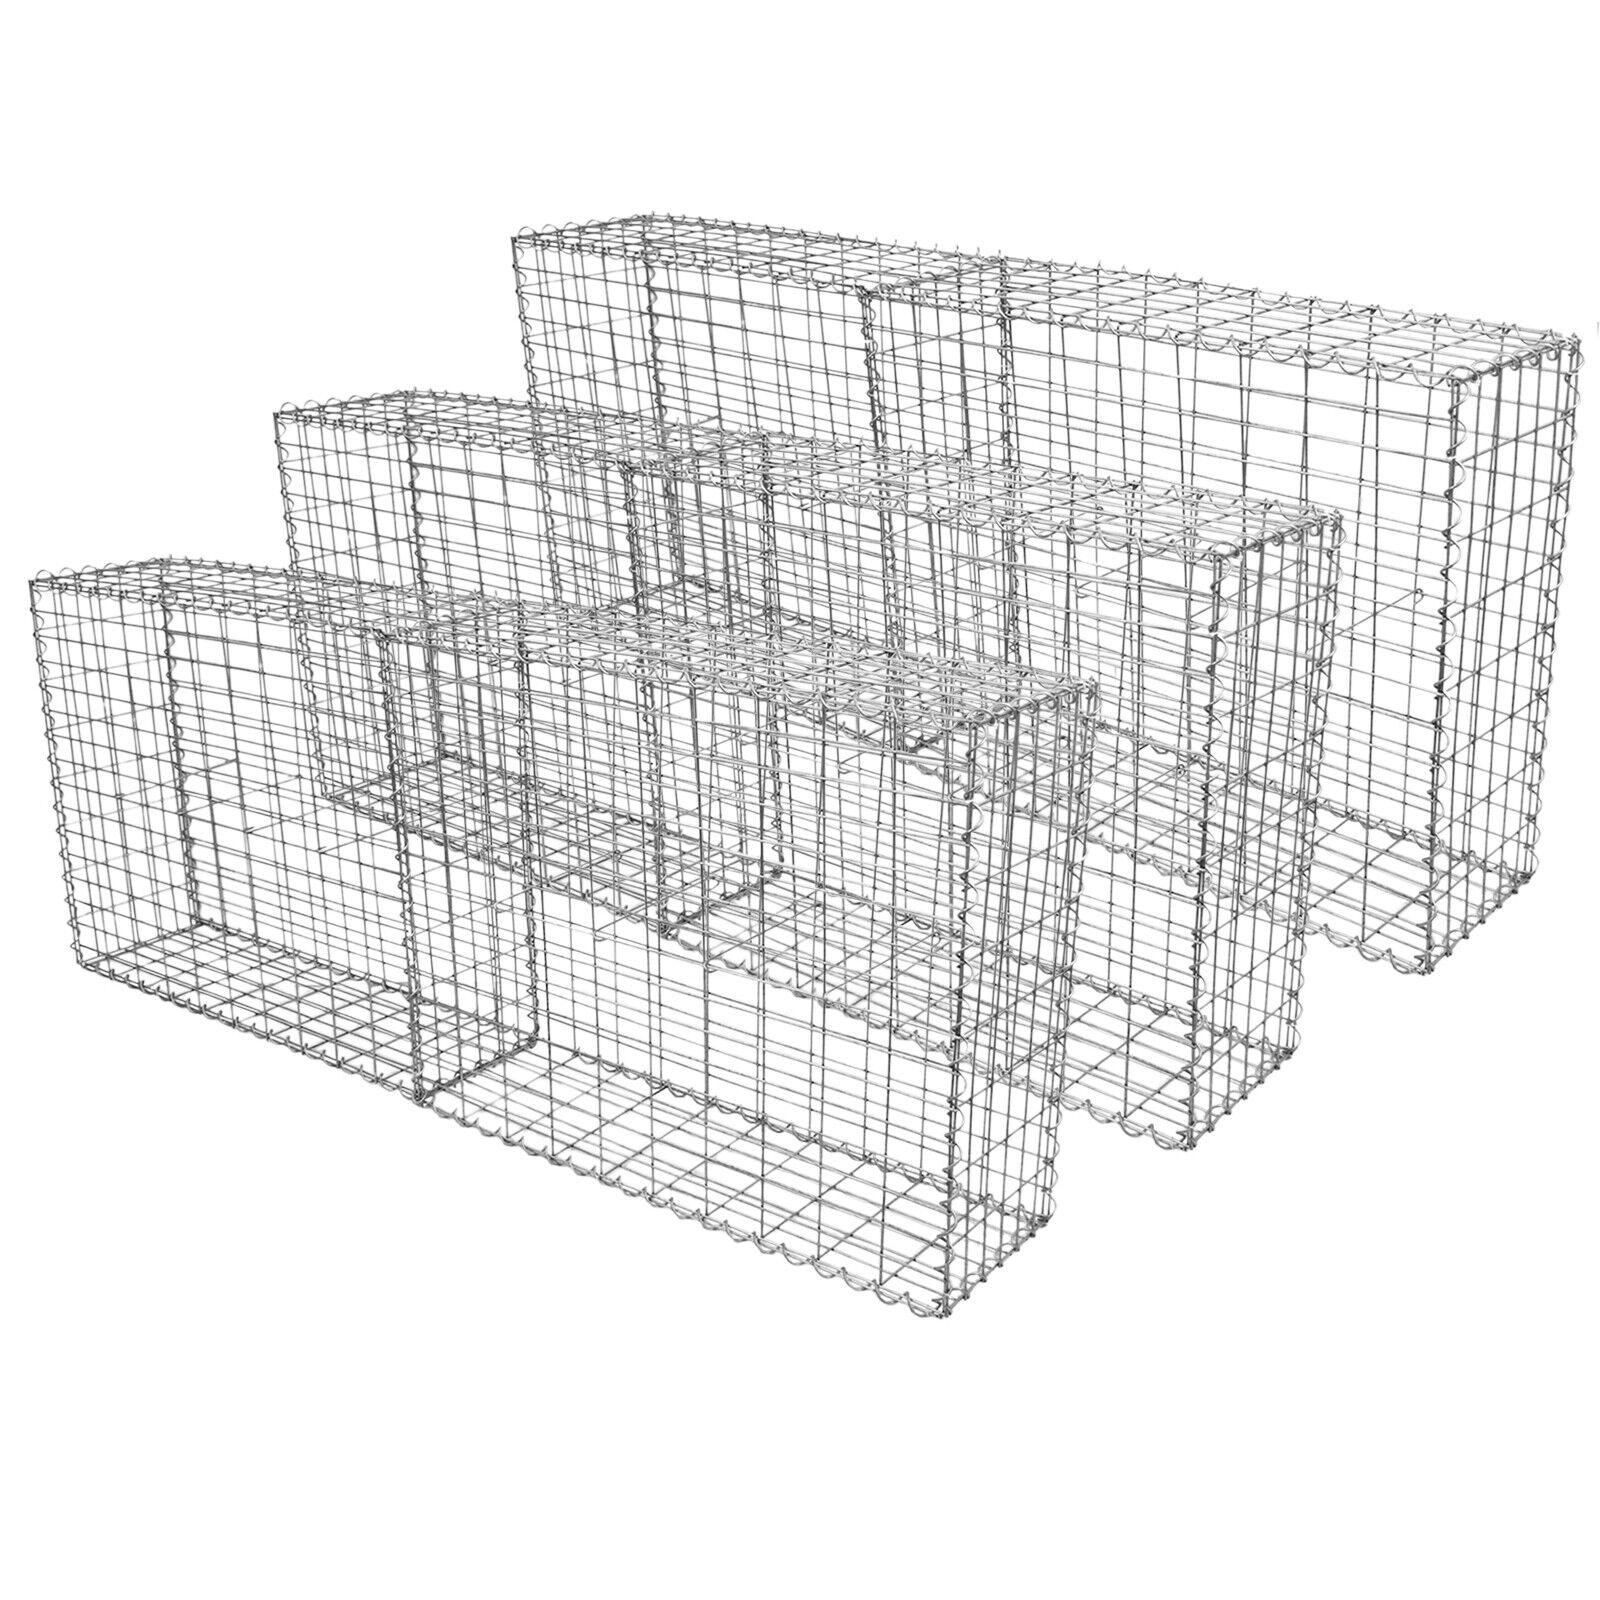 6 Cestas de Acero Inoxidable de Exterior Jaulas para Decoración 100 x 80 x 30cm